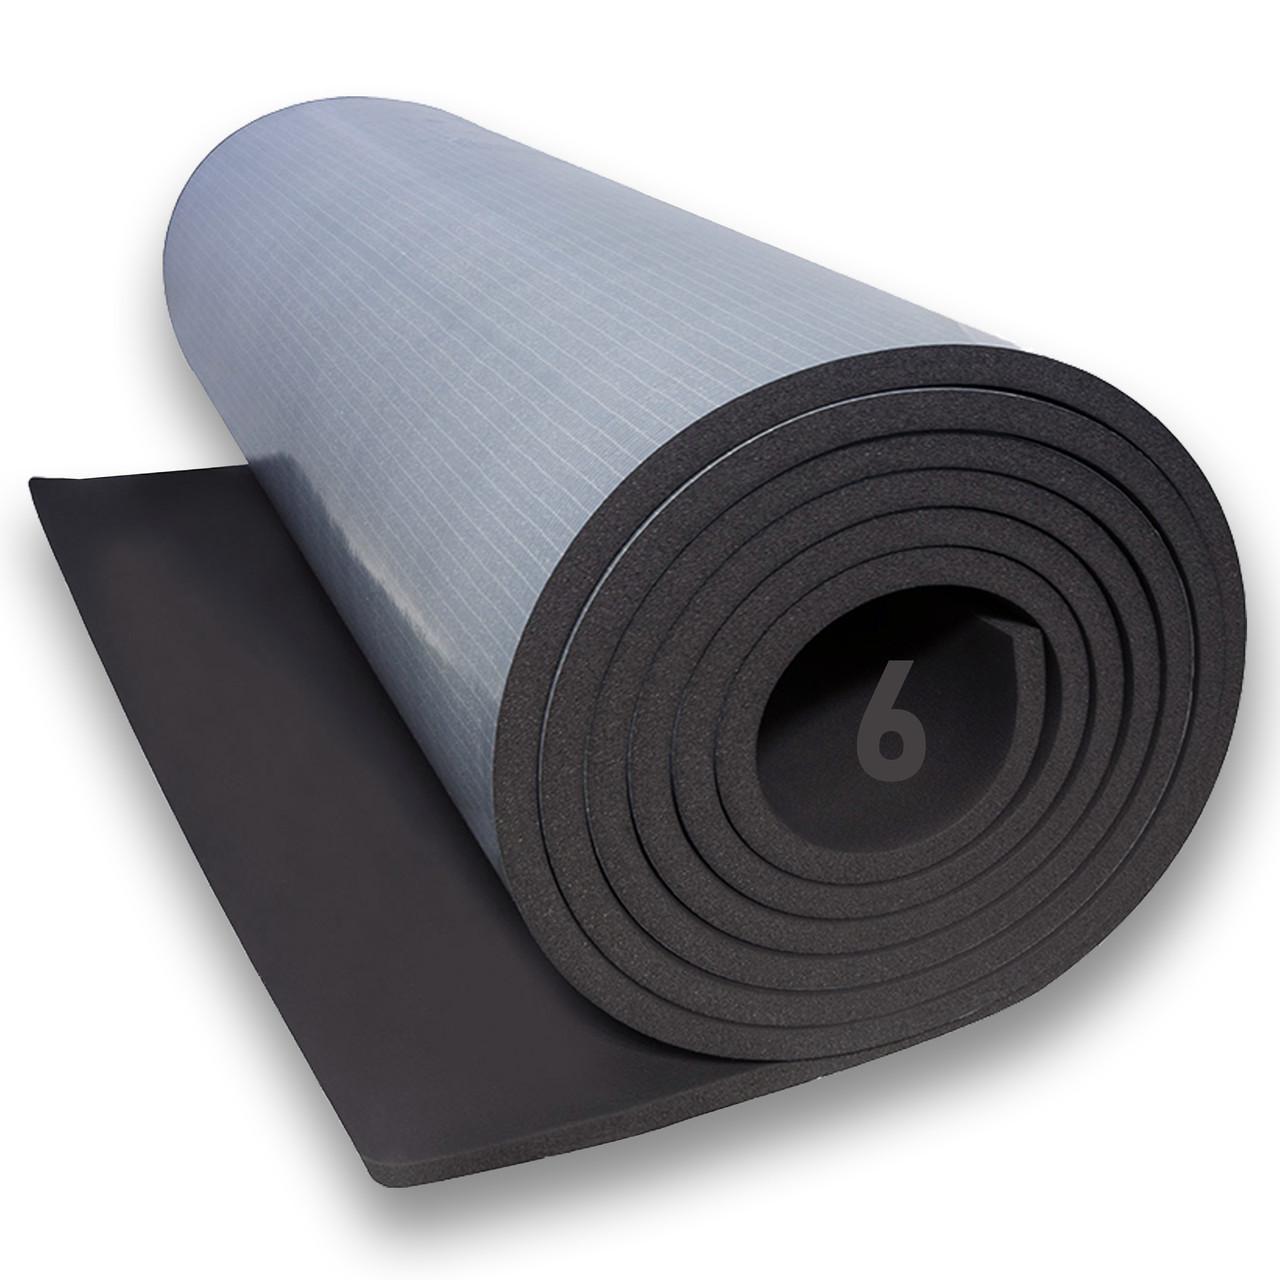 Вспененный каучук 6 мм самоклеющийся (утеплитель, шумоизоляция) цена за рулон